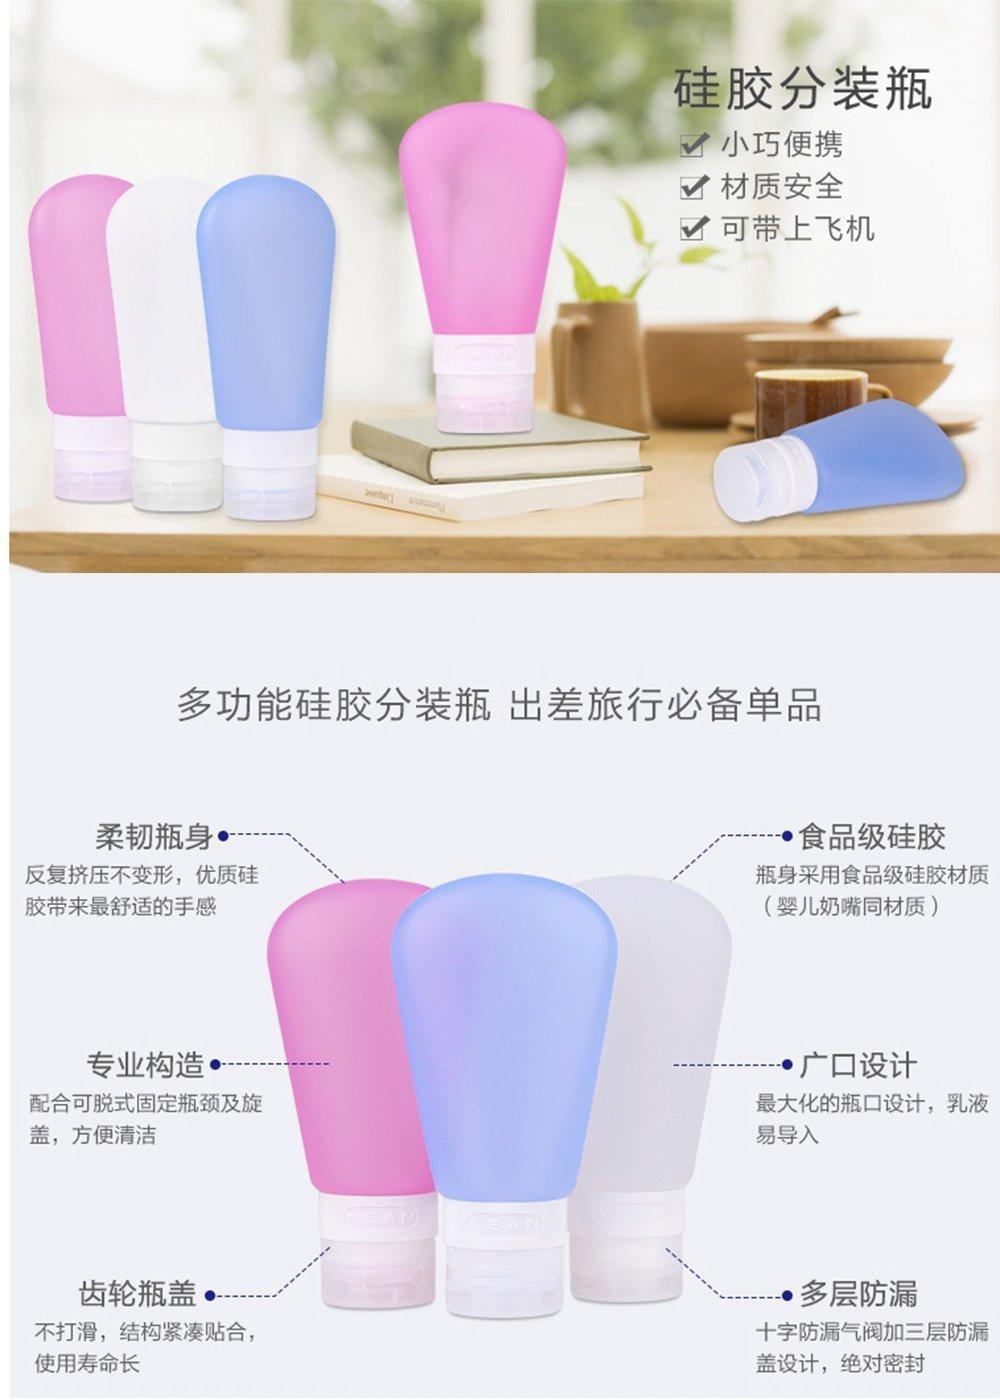 多尺寸扇形分装瓶 KEAN乳液分装瓶套装 三色